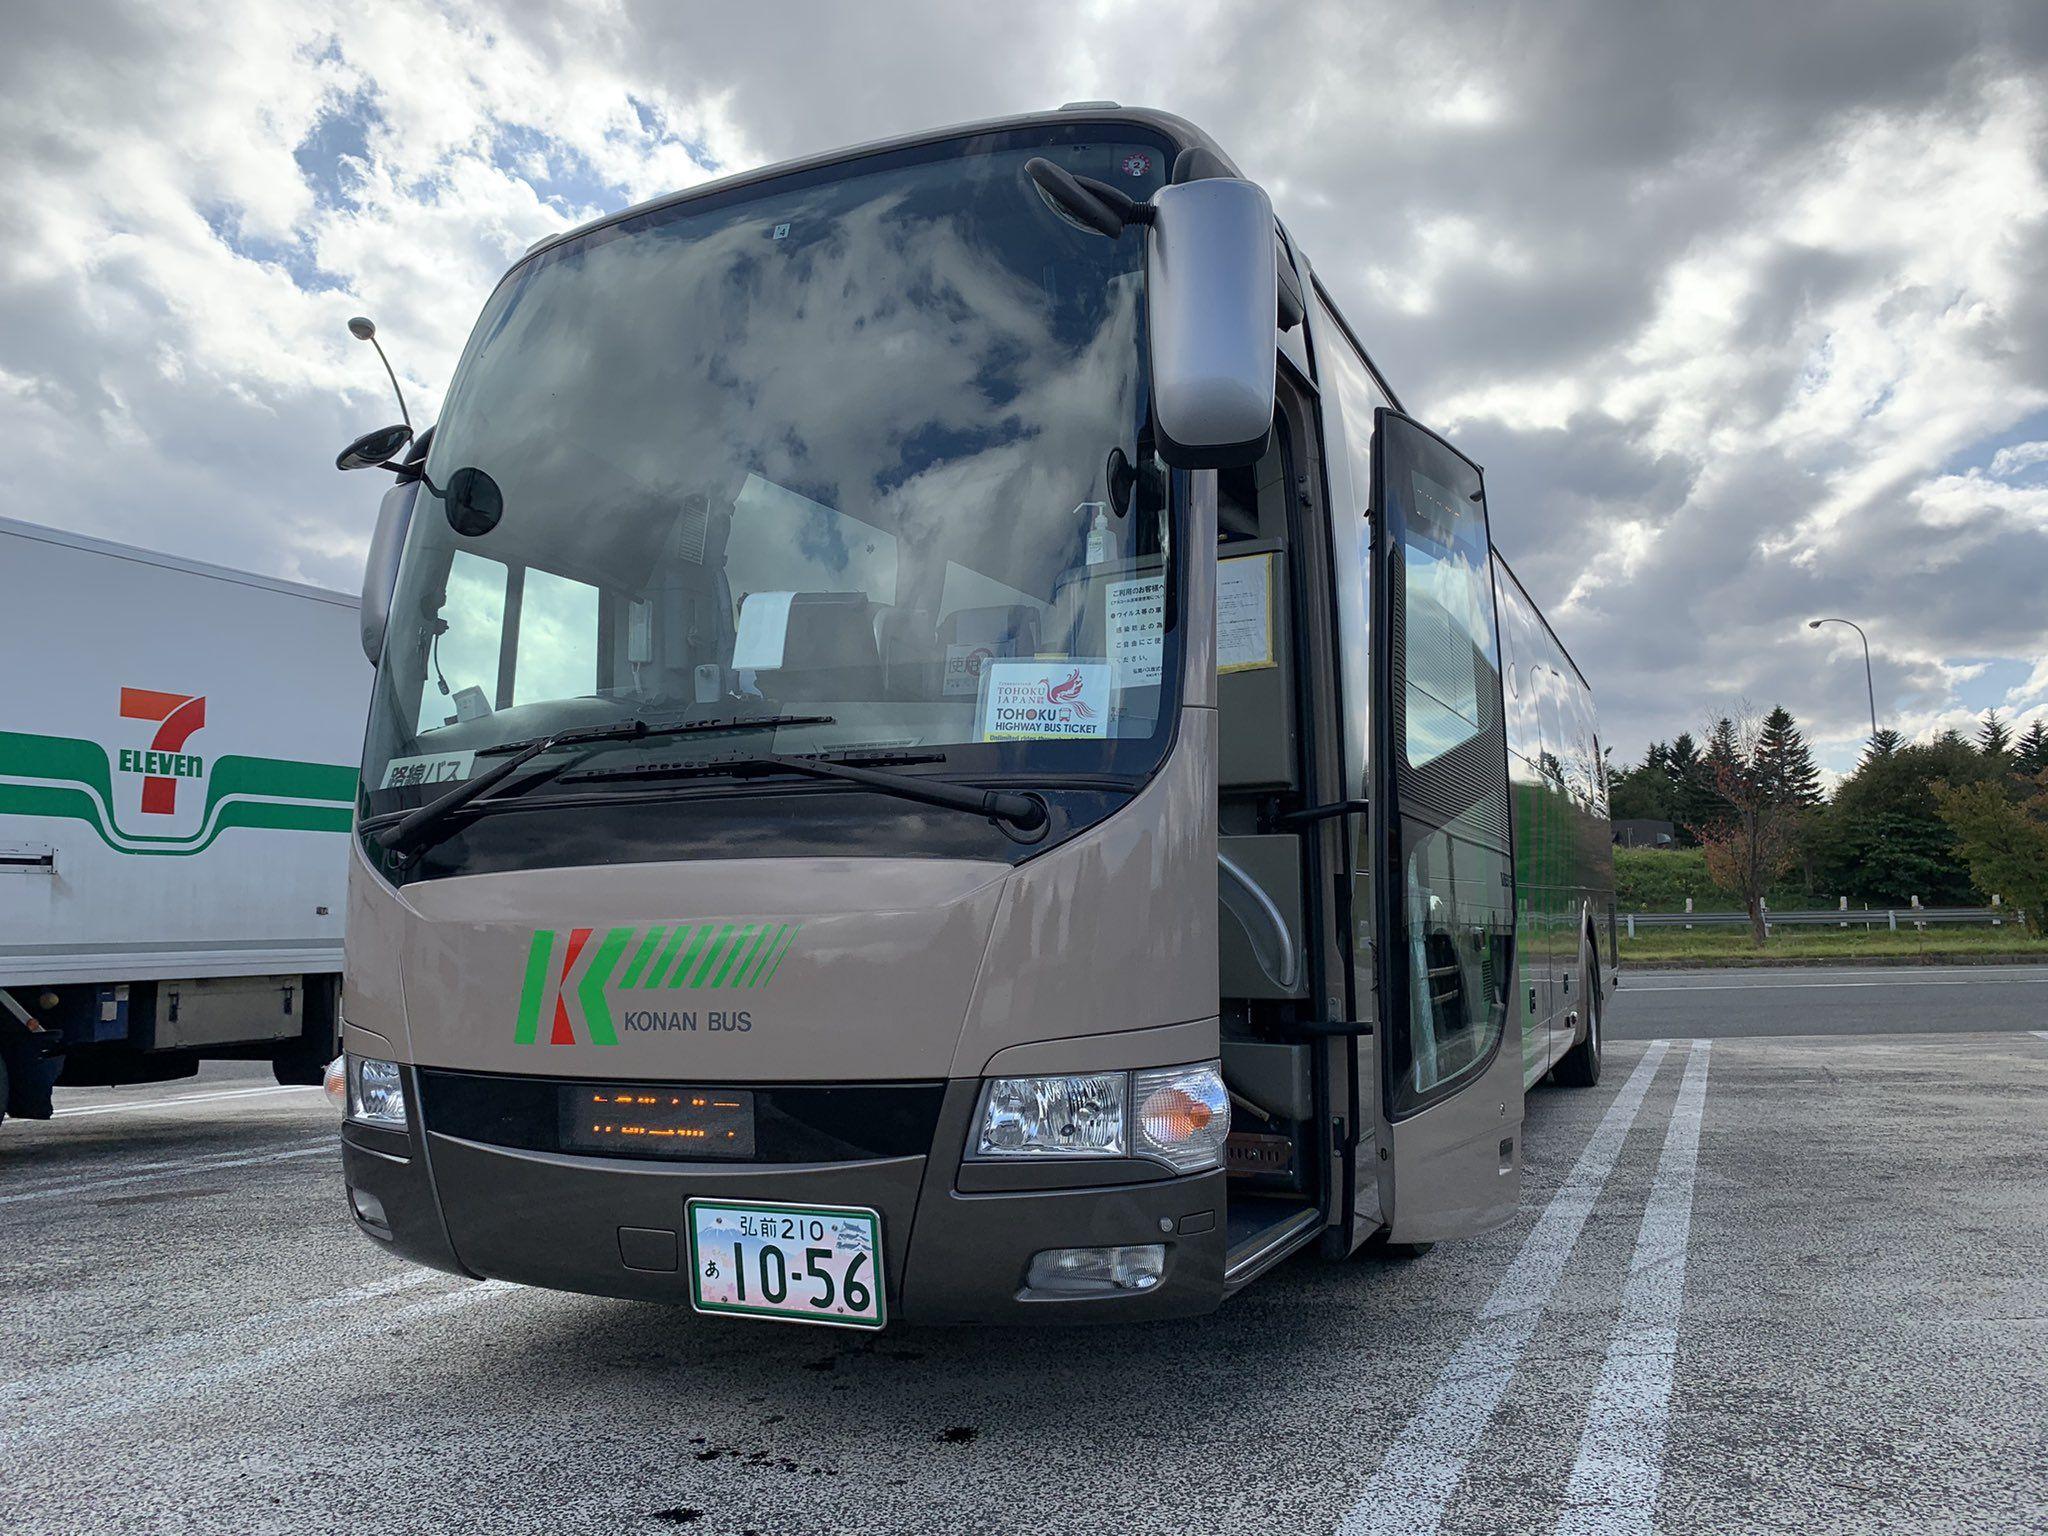 エーセ 交通 On Twitter Vehicles Kitano